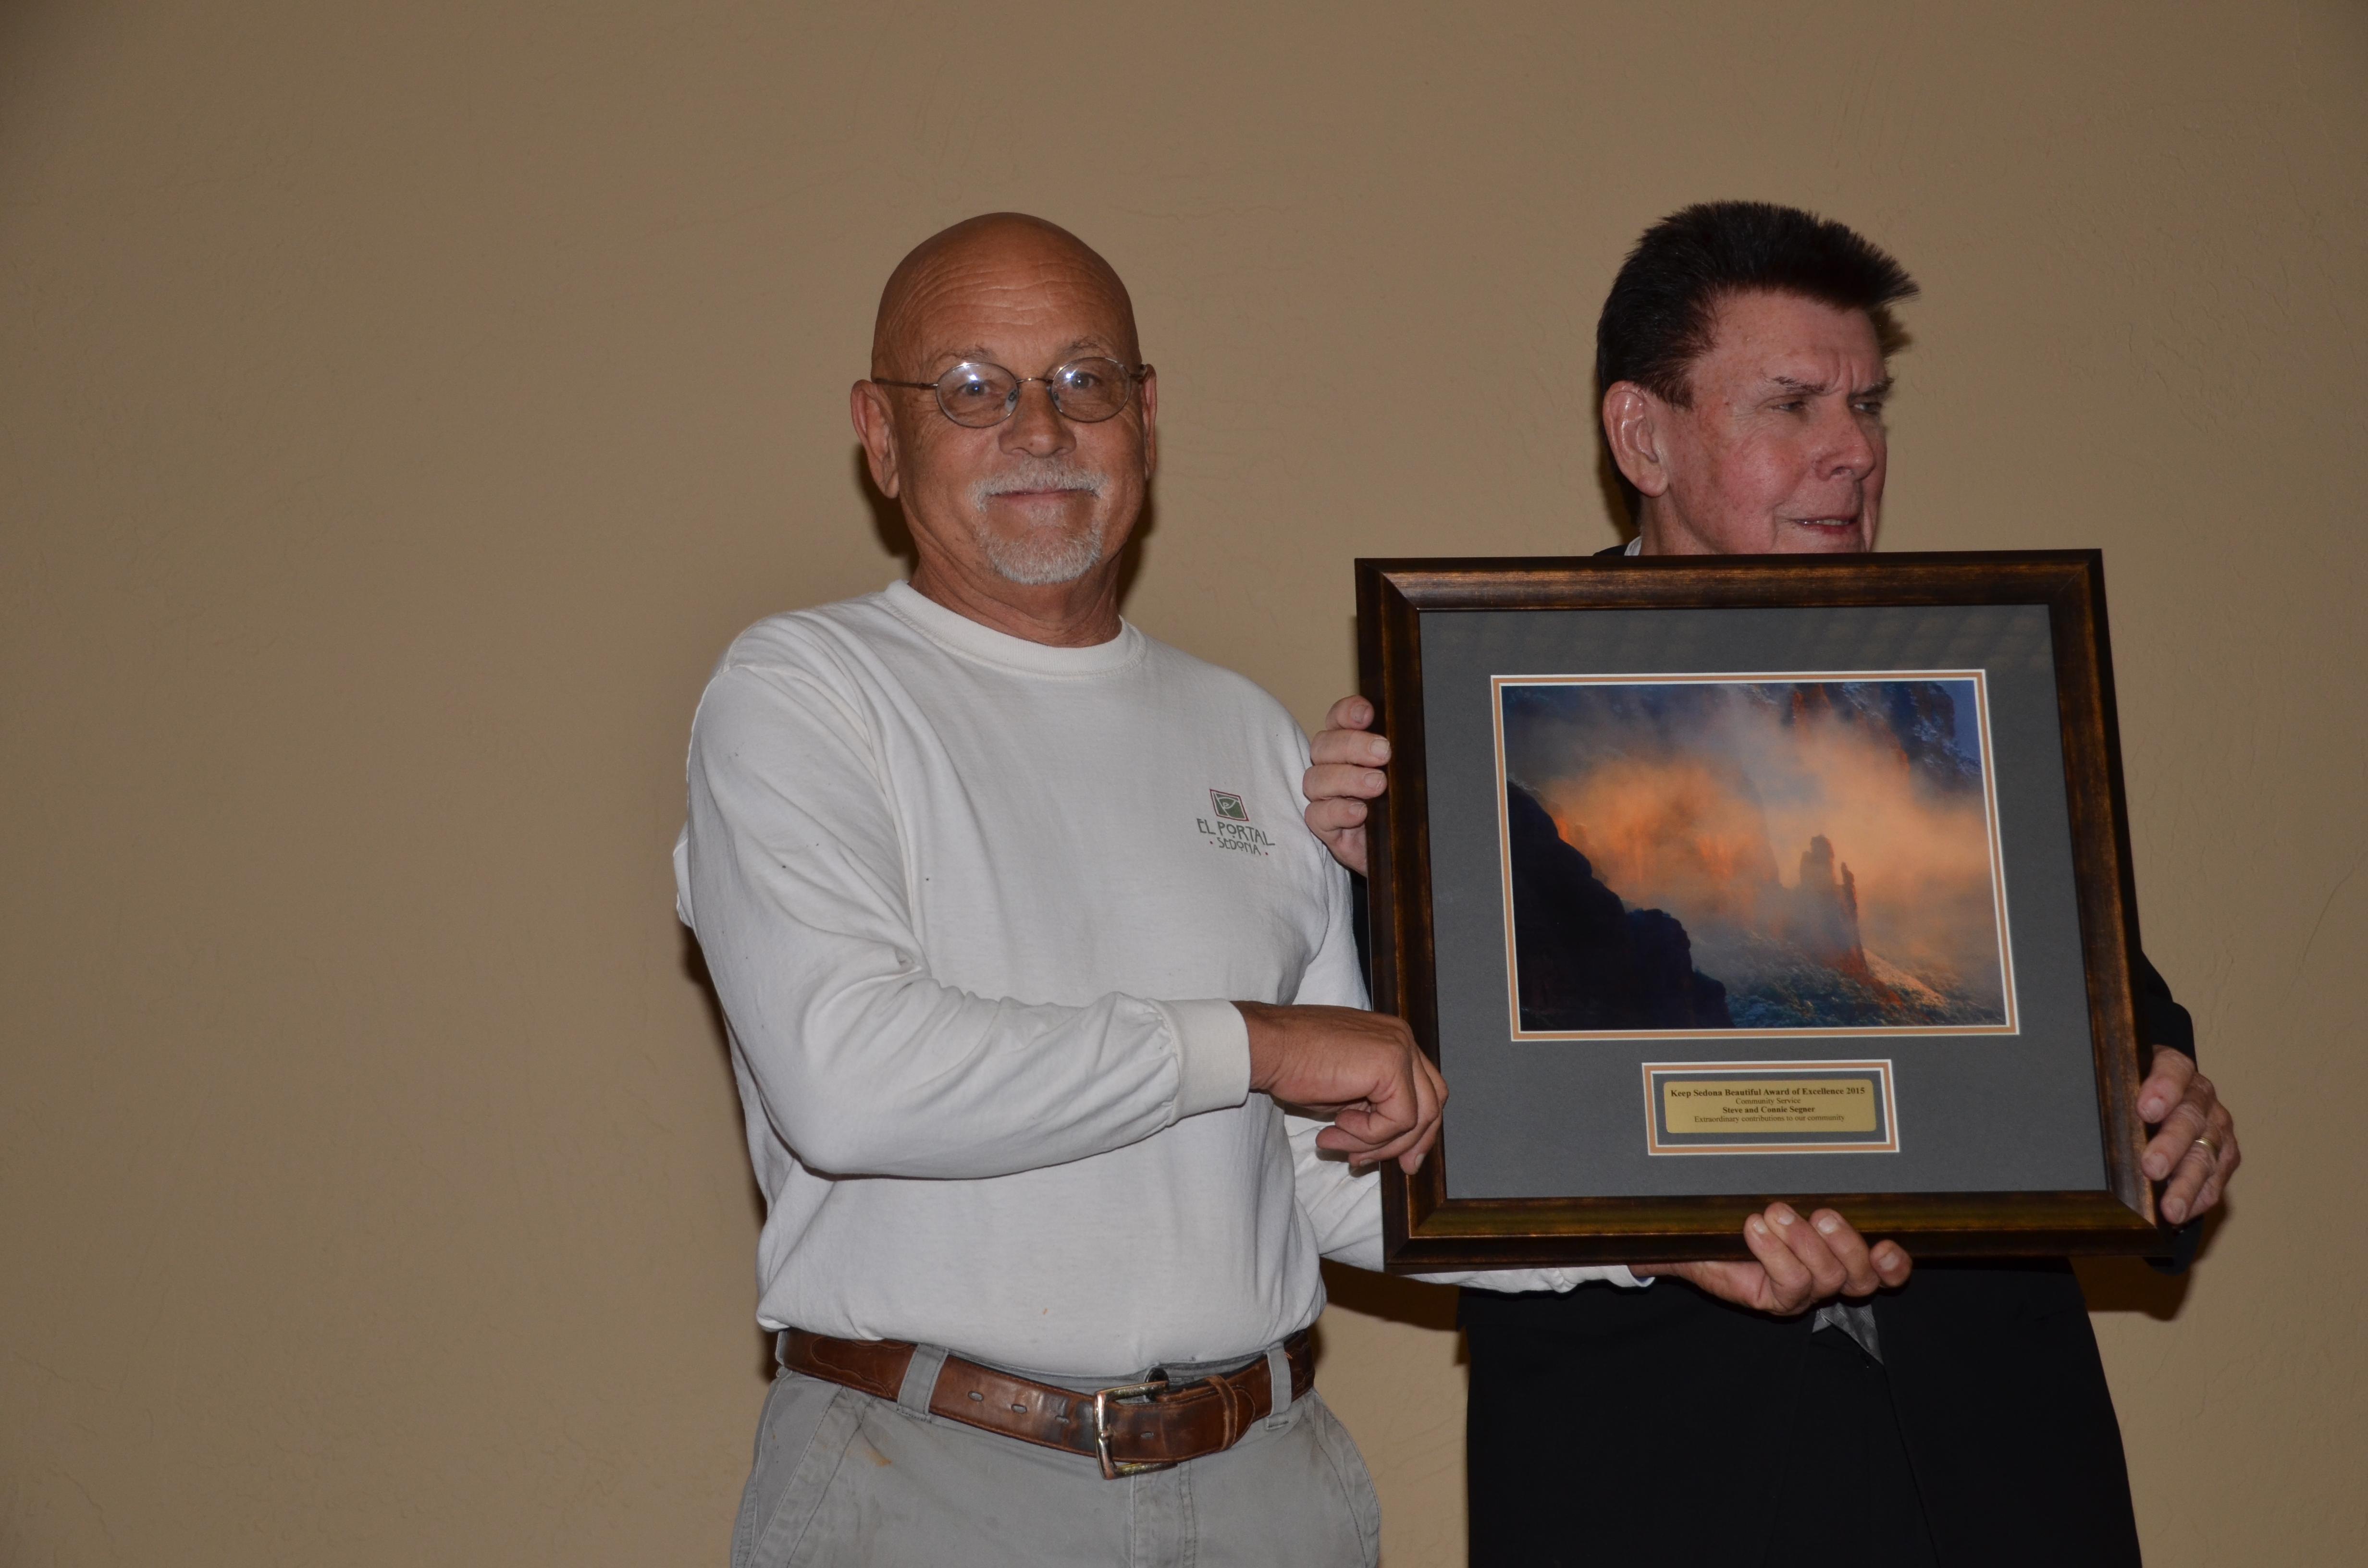 Steve Segner Receives Award